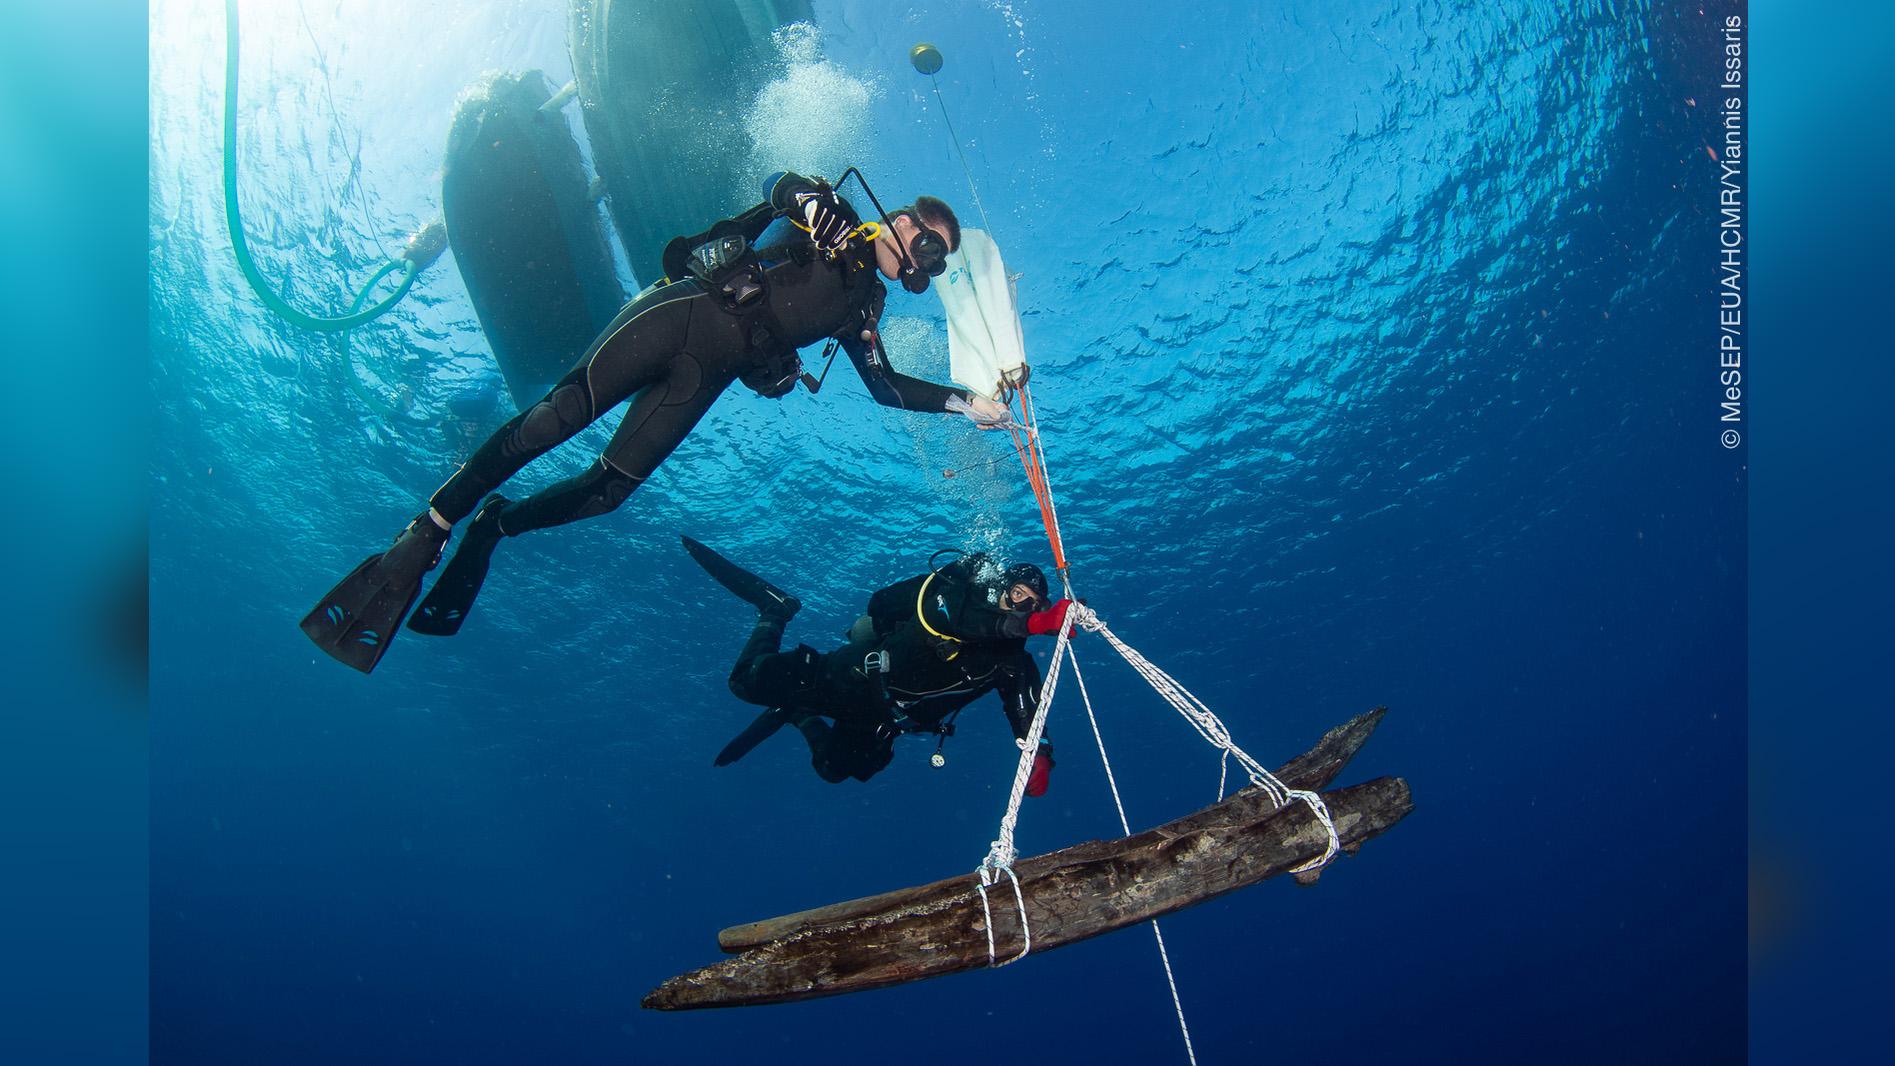 Bon nombre des objets récupérés lors des fouilles récentes étaient des morceaux de coque et de gréement du navire;  le Mentor a été construit en Amérique et ils ne ressemblent pas à des pièces de navires méditerranéens du même âge.